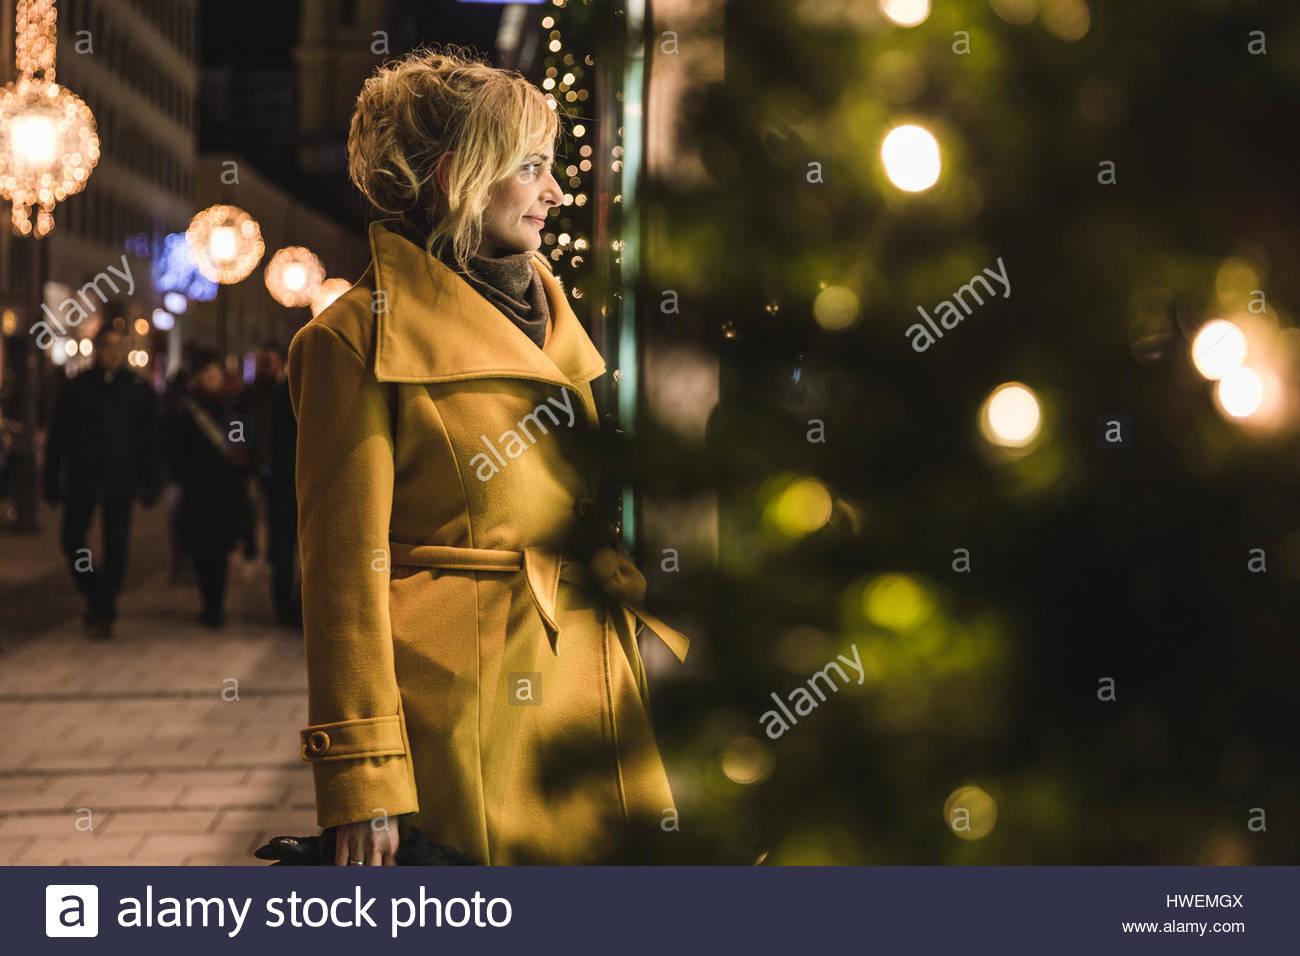 Mature woman christmas window shopping at night, Munich, Germany - Stock Image